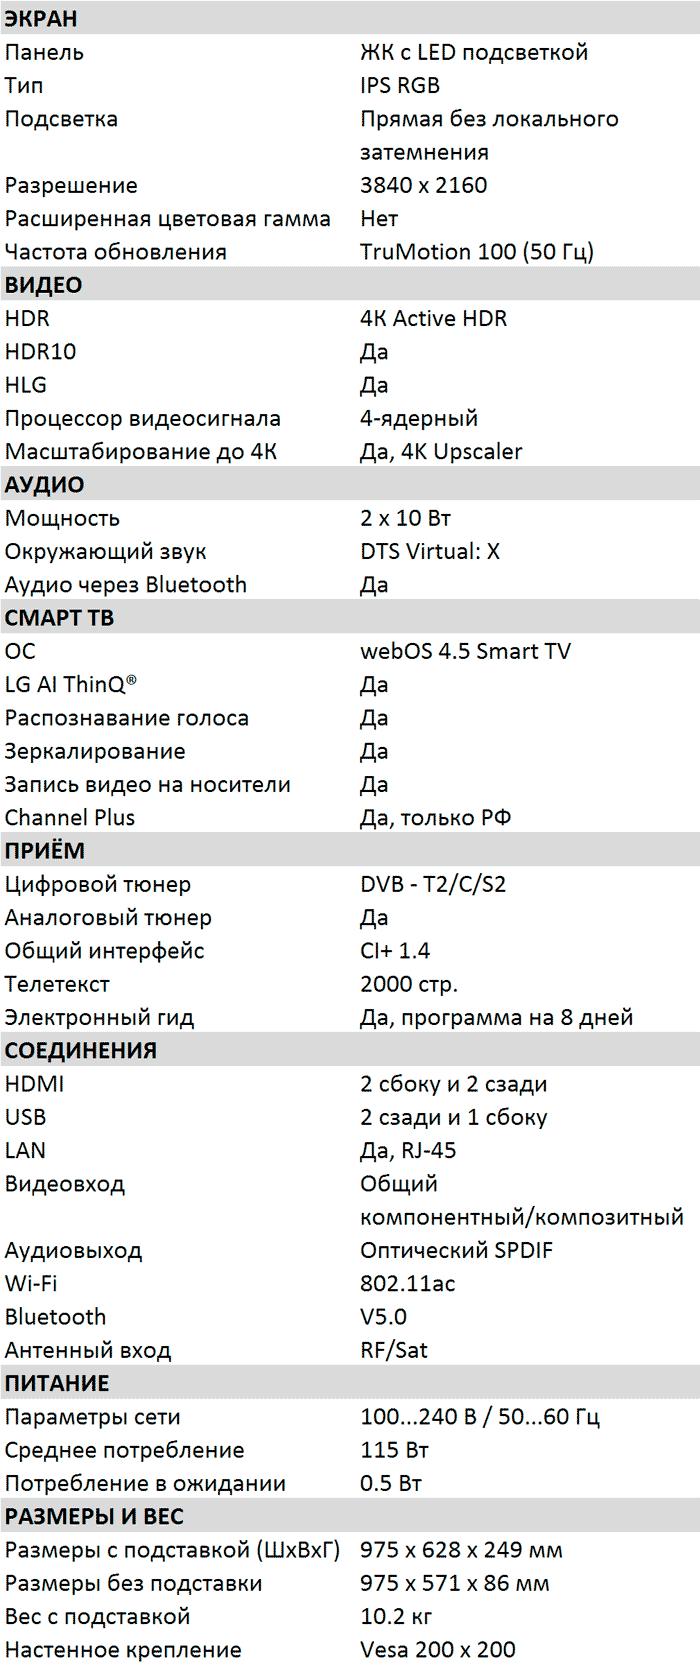 Характеристики UM7650